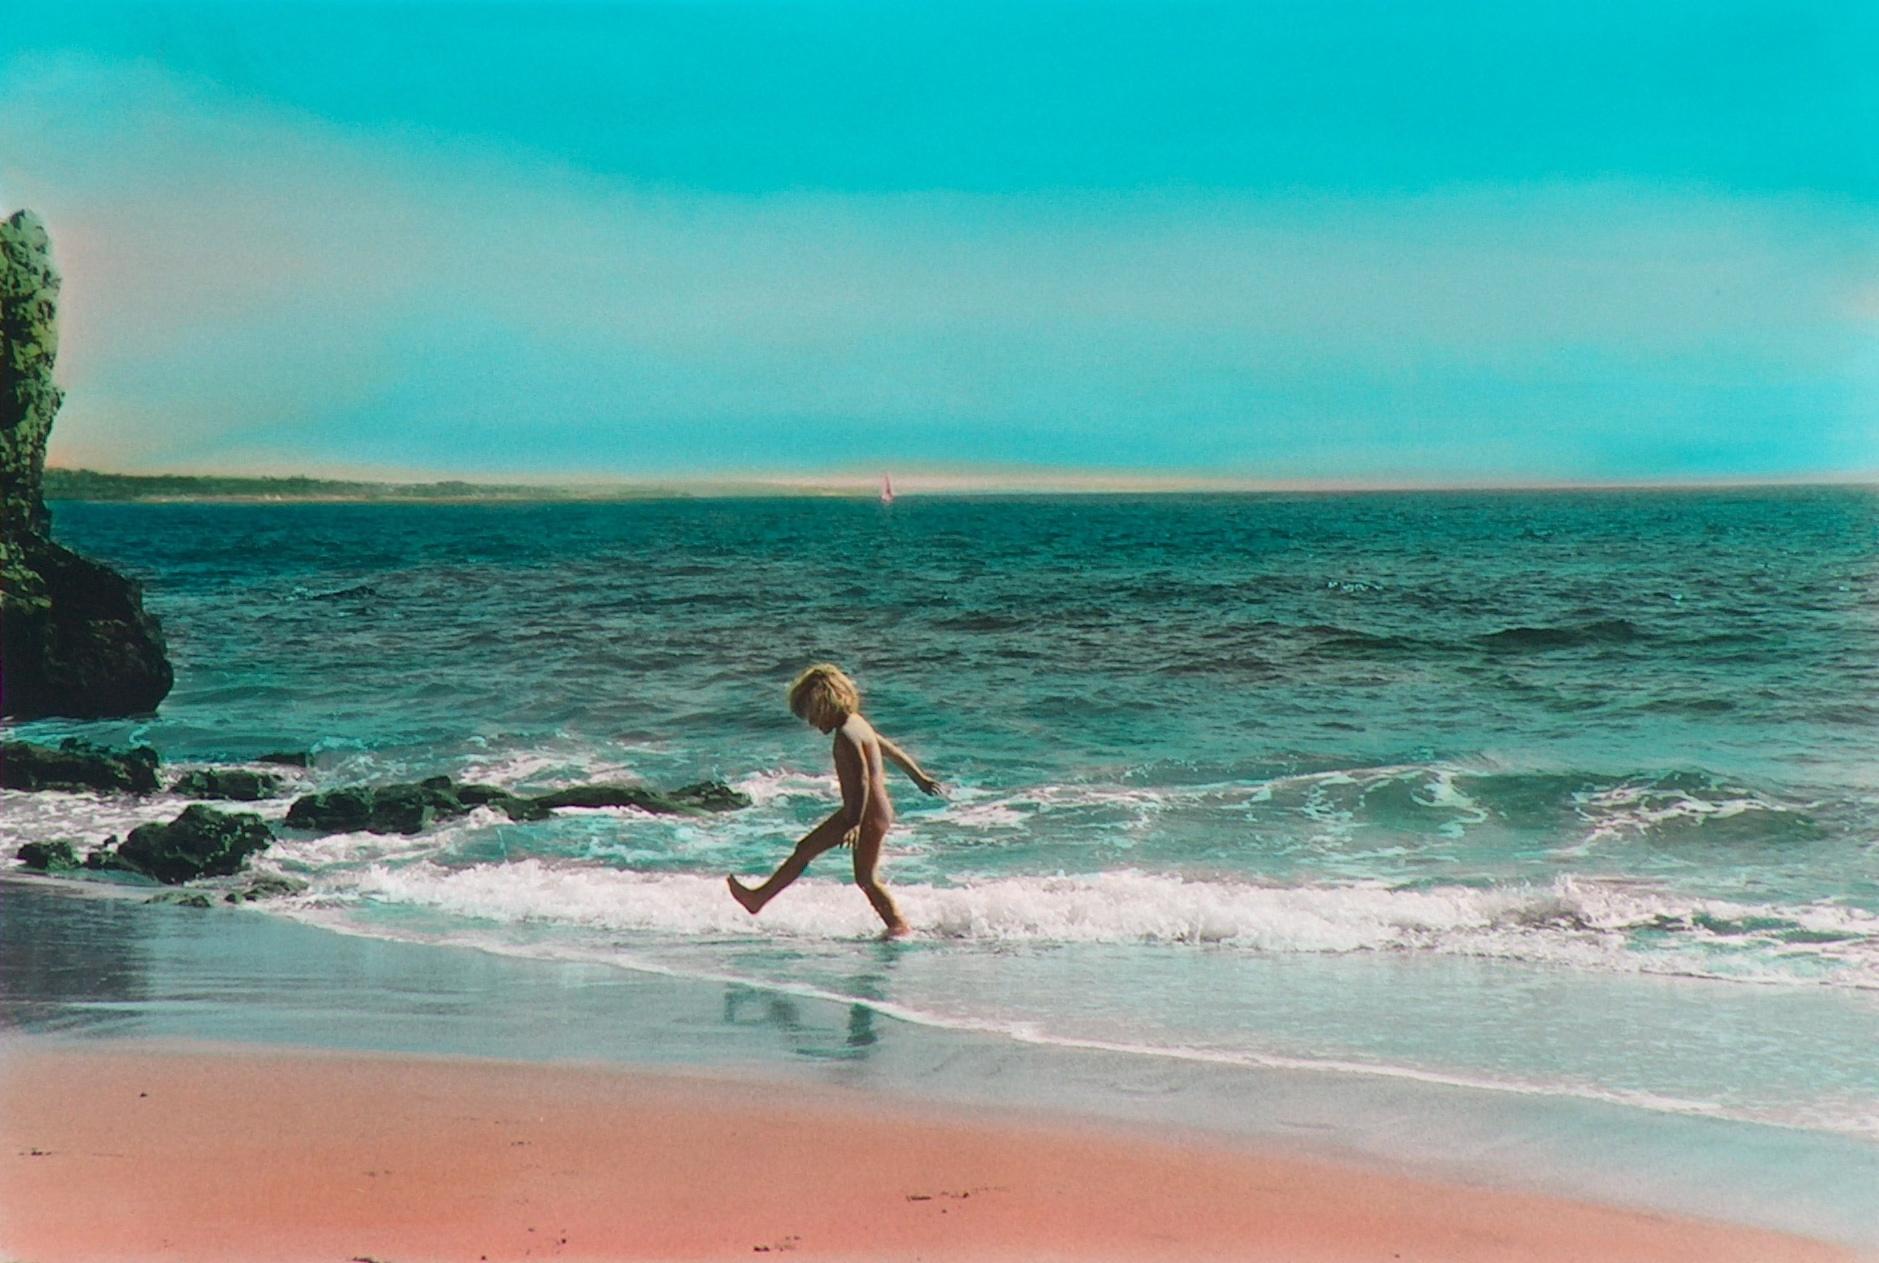 Qué precioso es el mar, 2003<br/>Tintas pigmentadas / Inkjet